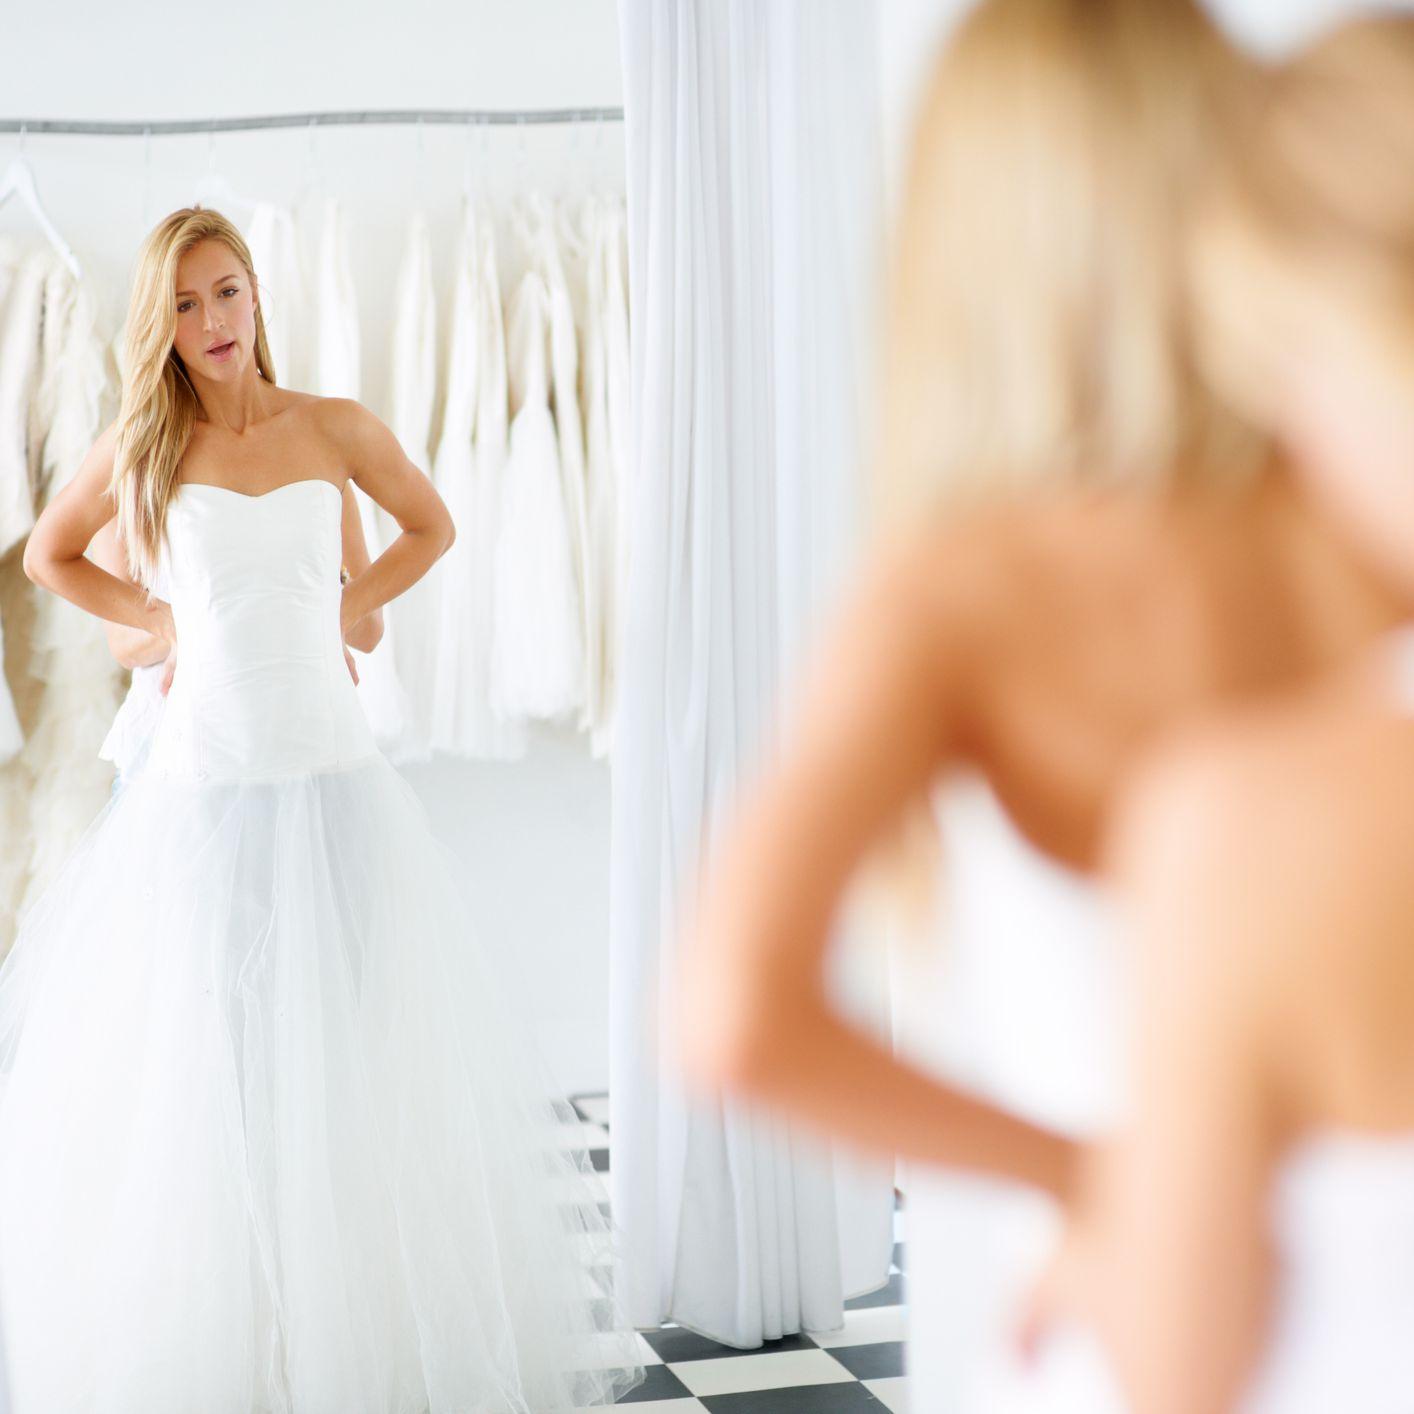 60 day bridal diet